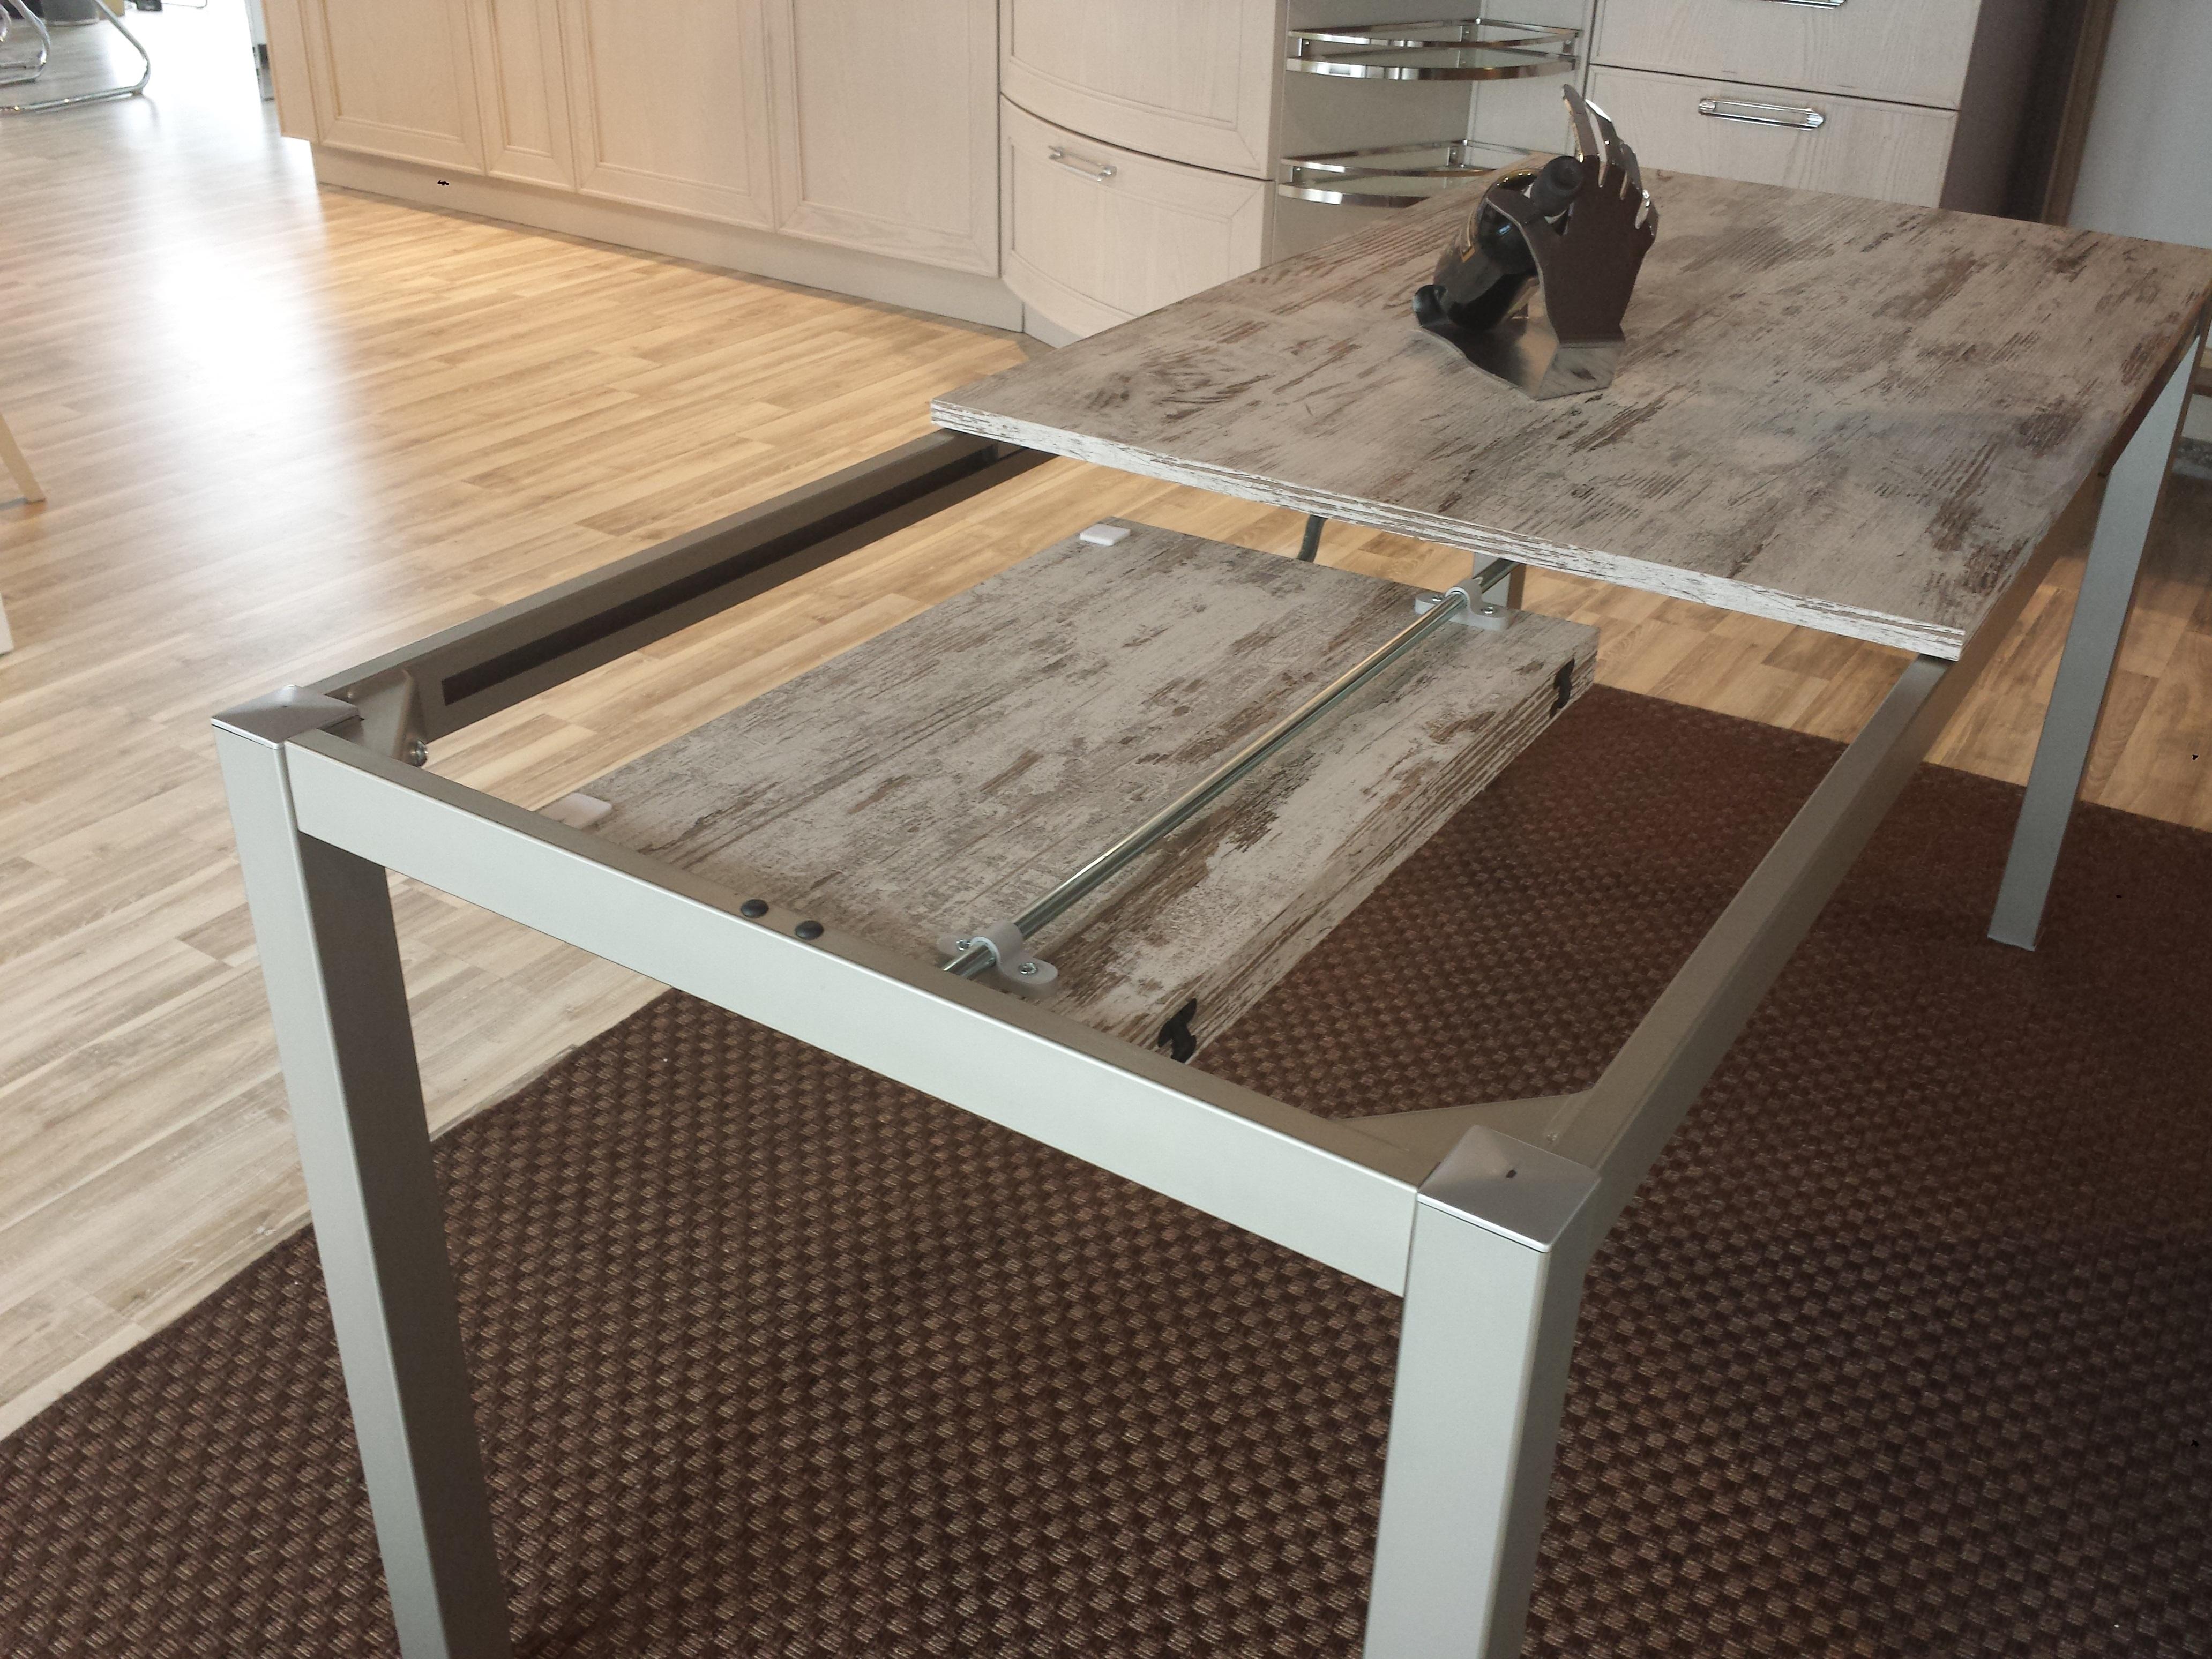 Tavolo da cucina allungabile kitchen 18691 tavoli a - Tavoli da cucina piccoli ...